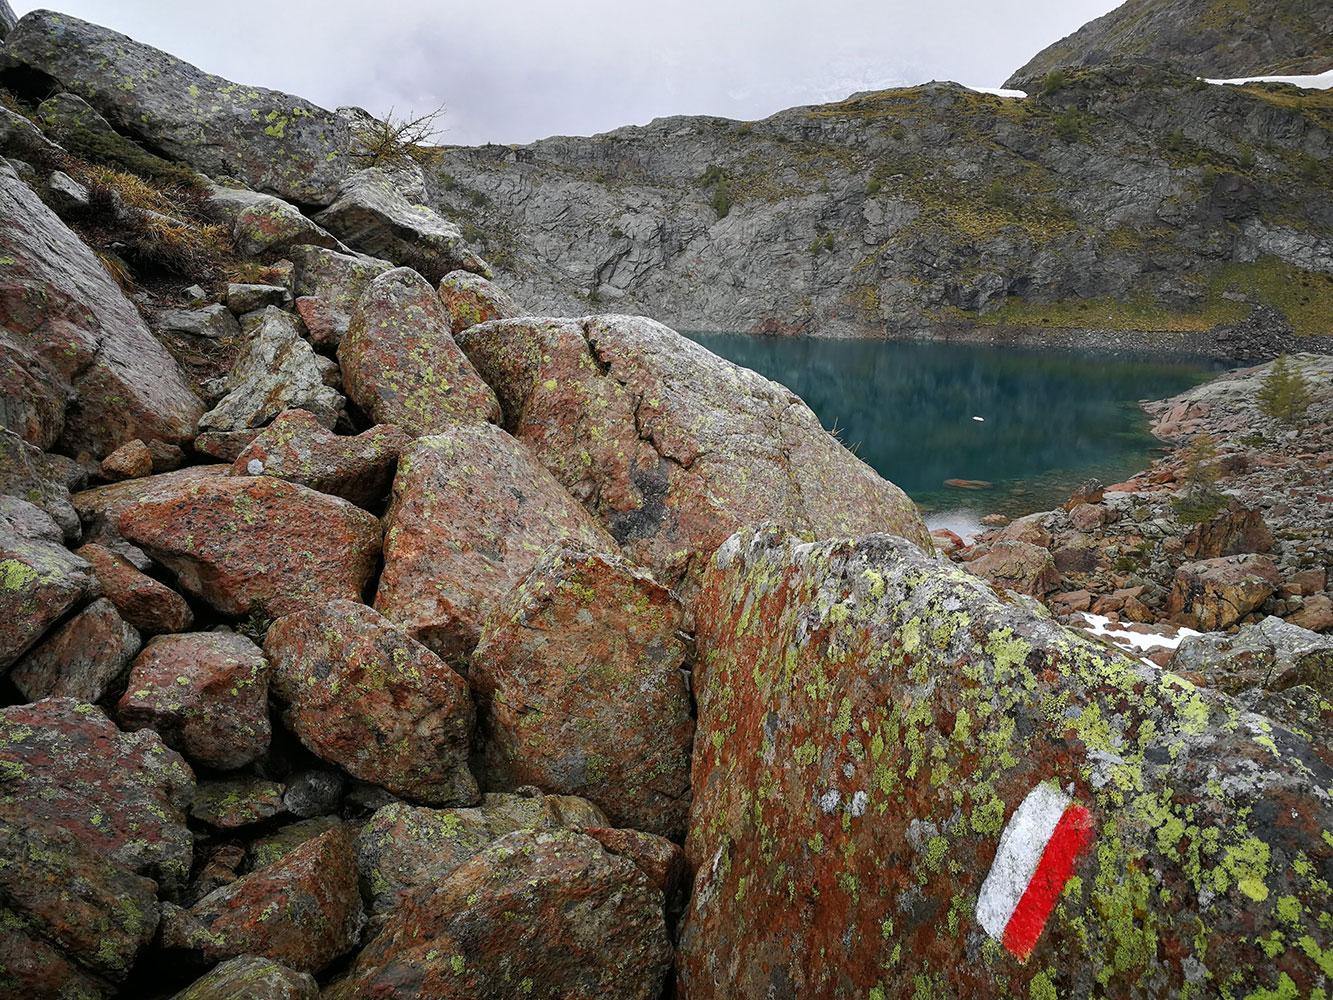 lago-di-pirola-valmalenco